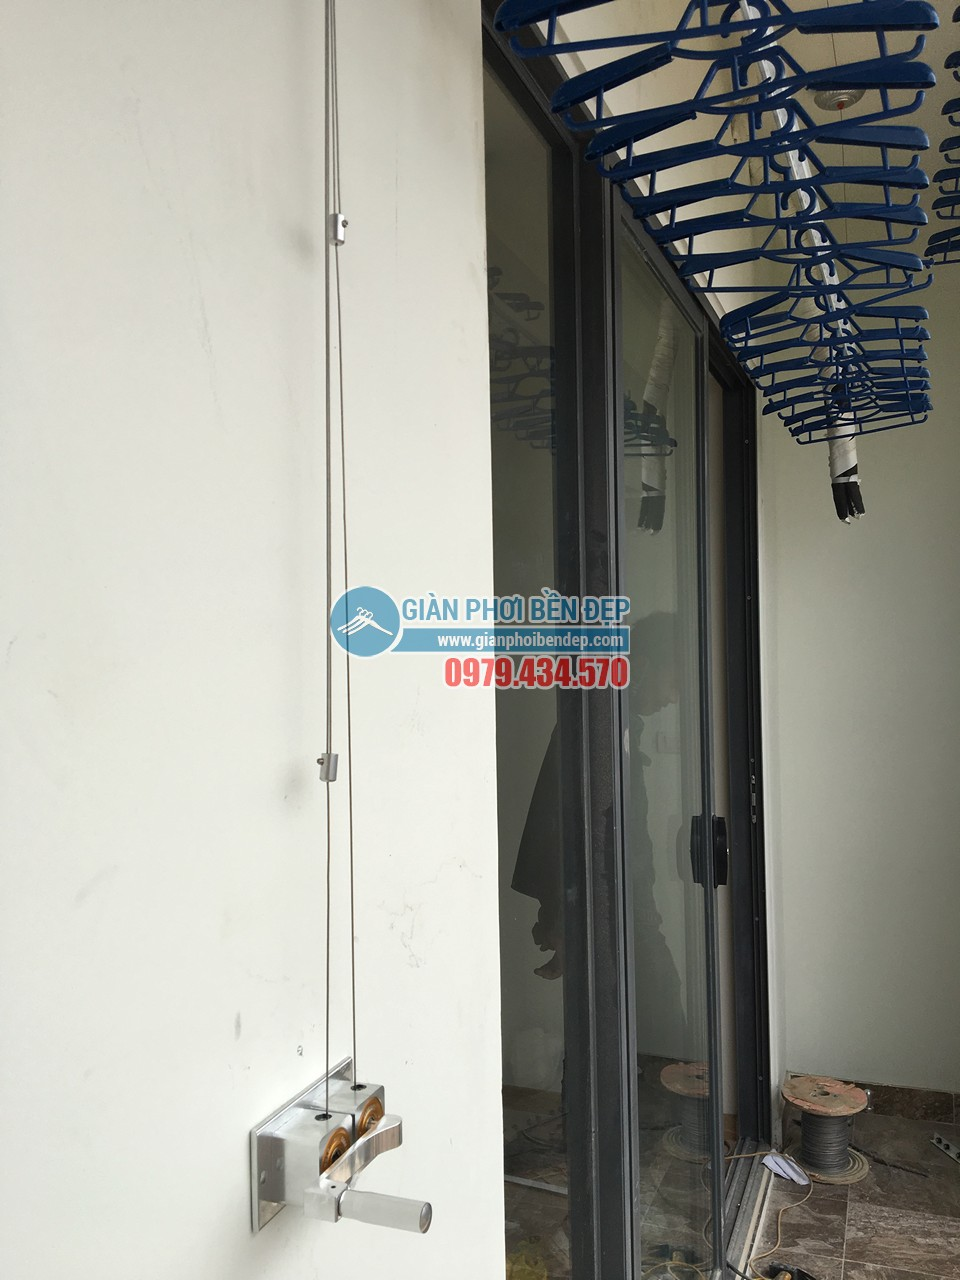 Lắp đặt giàn phơi thông minh tại ban công nhà chị Hiền, Ecolife Tây Hồ - 02